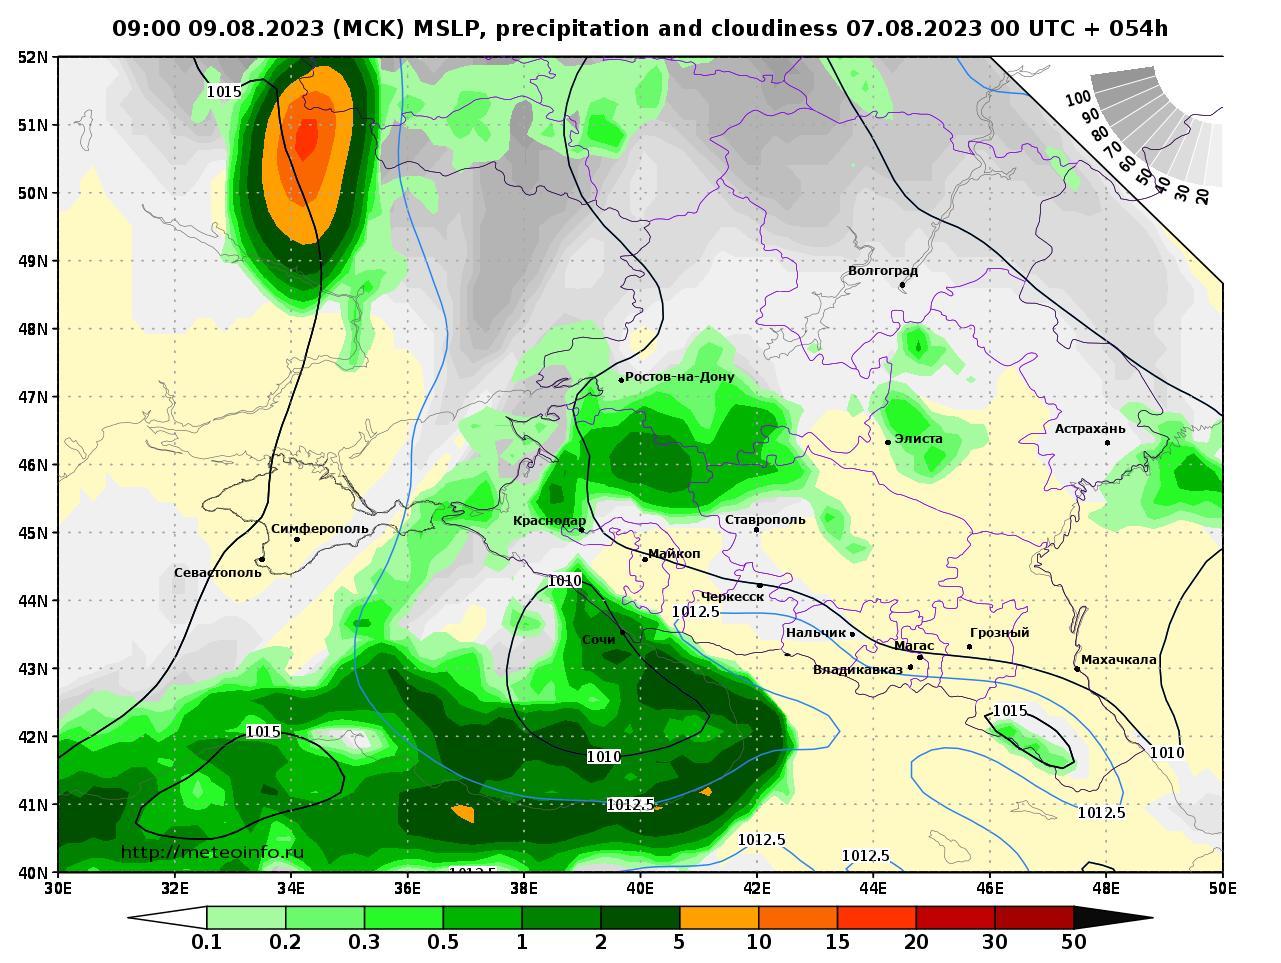 Южный Федеральный округ, прогностическая карта осадки и давление, заблаговременность прогноза 54 часа